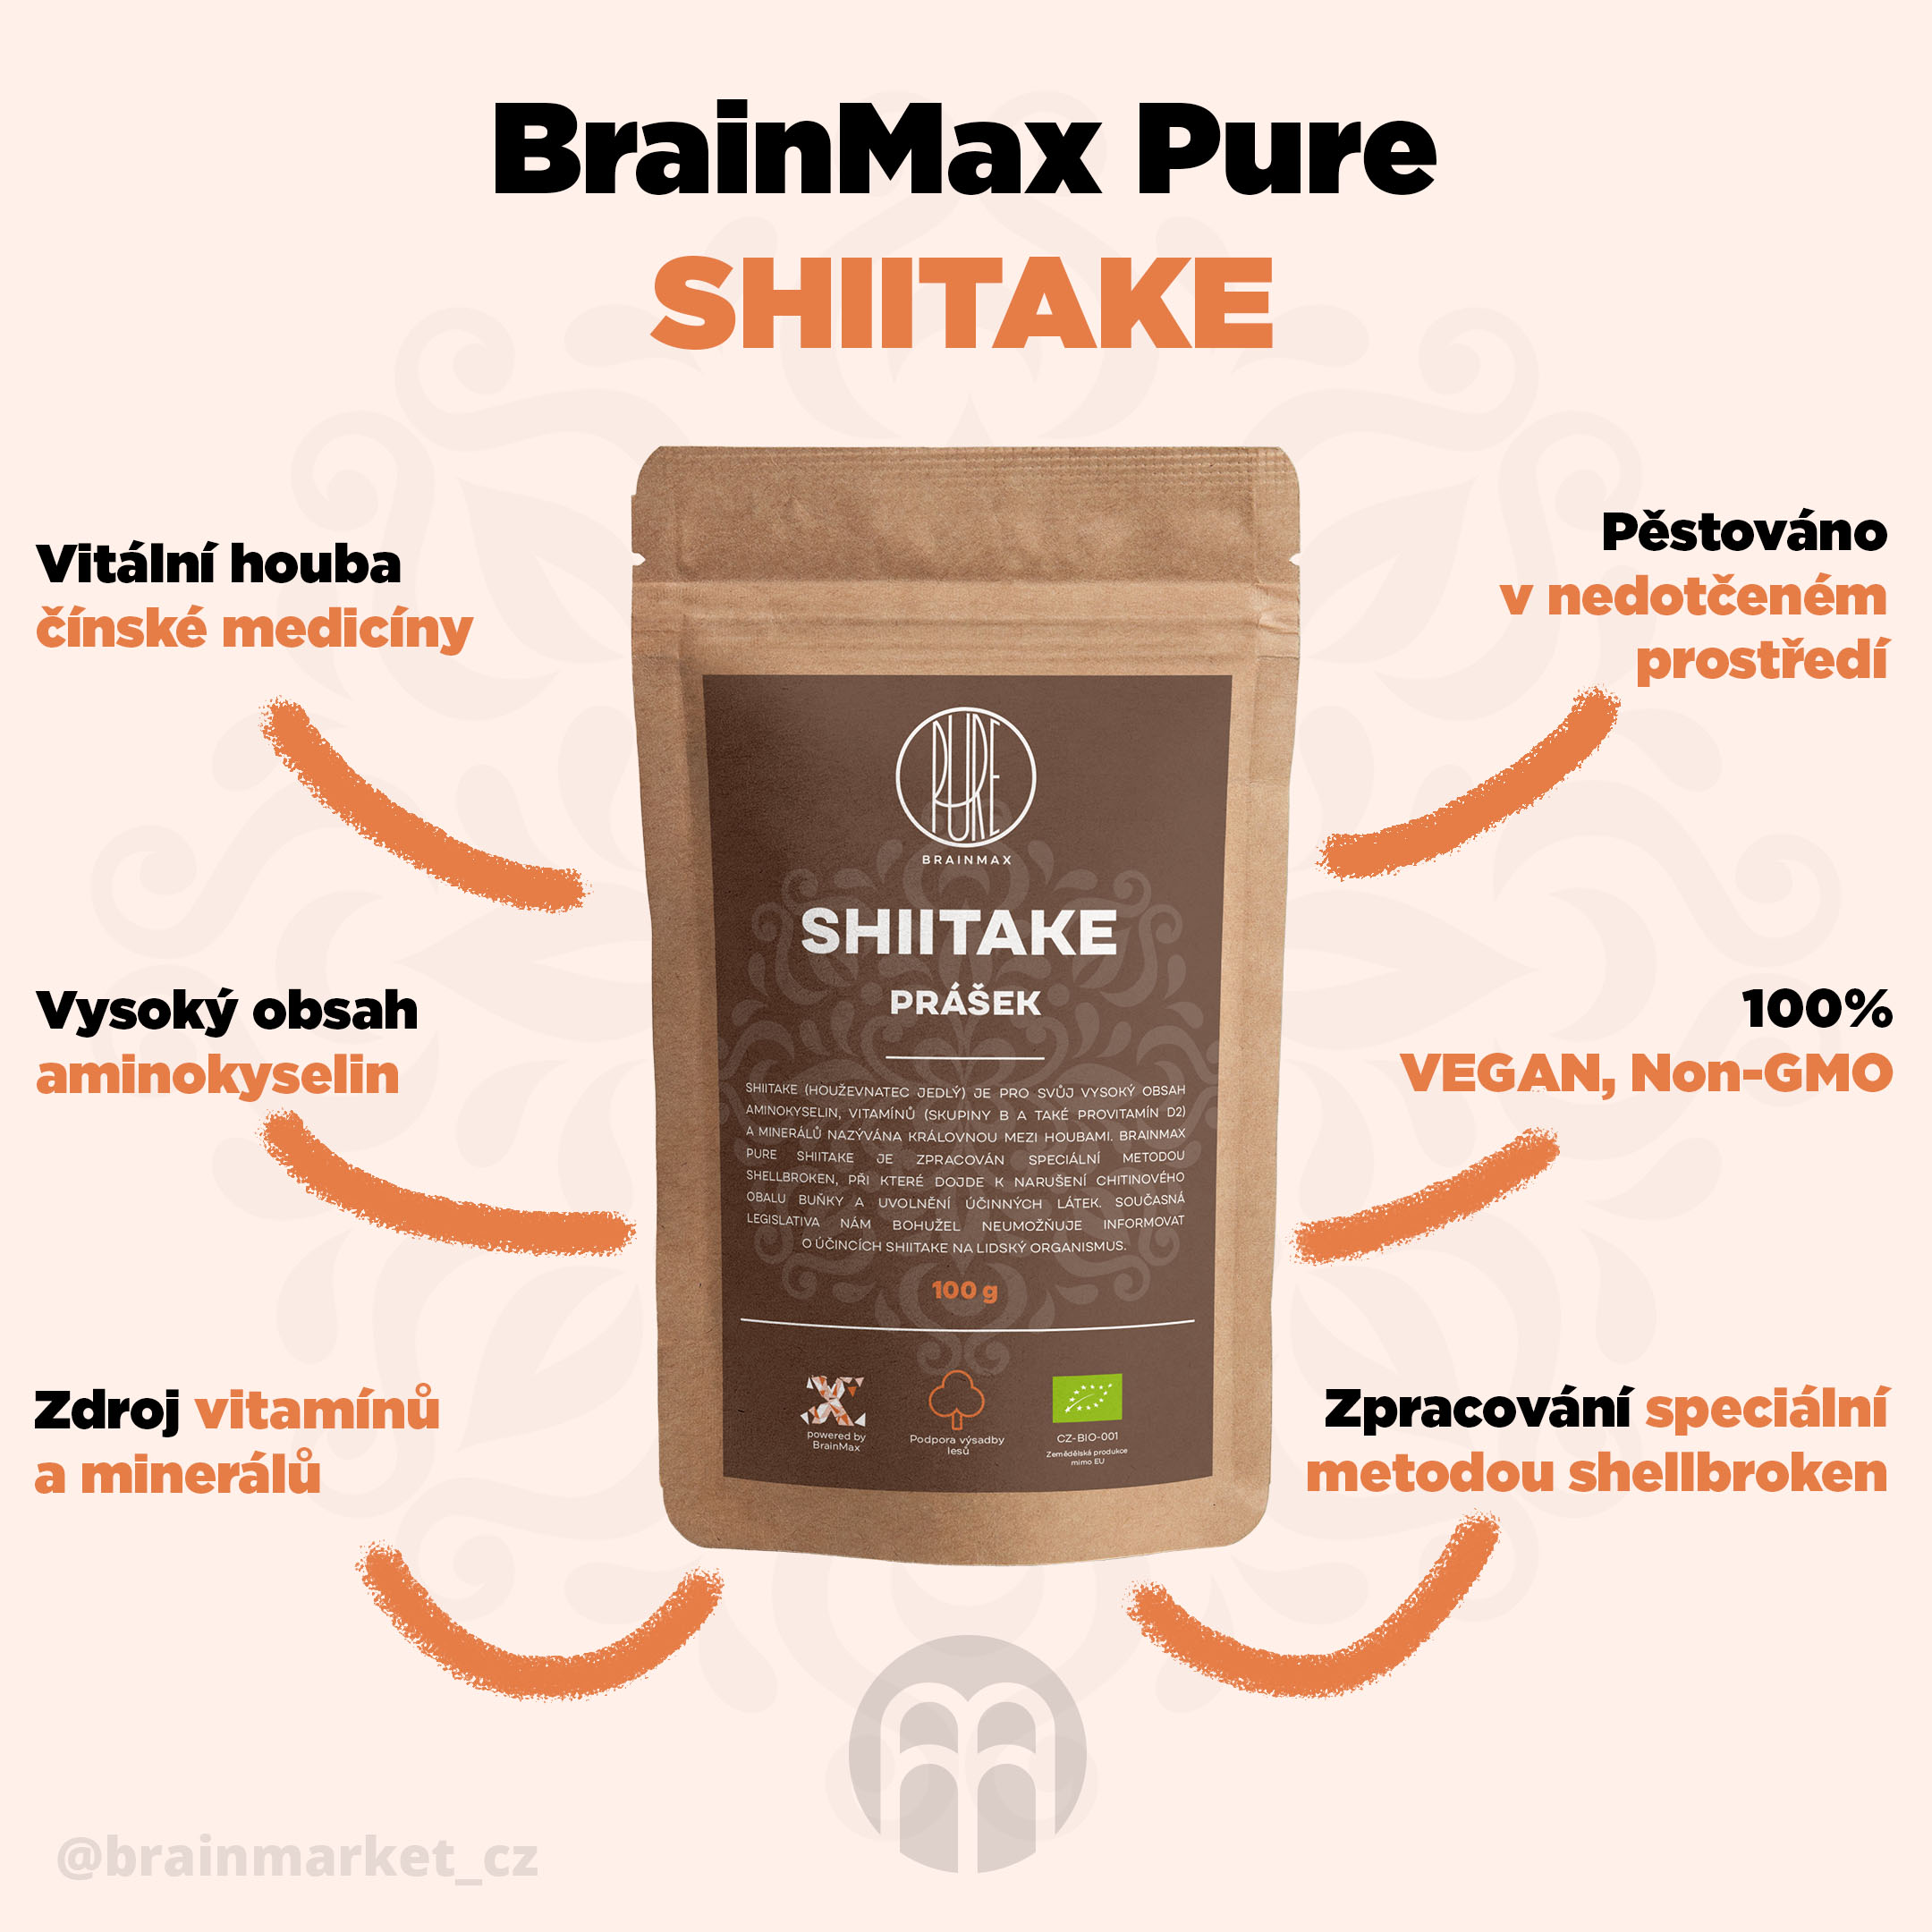 shiitake_pavucina_infografik_brainmarket_cz